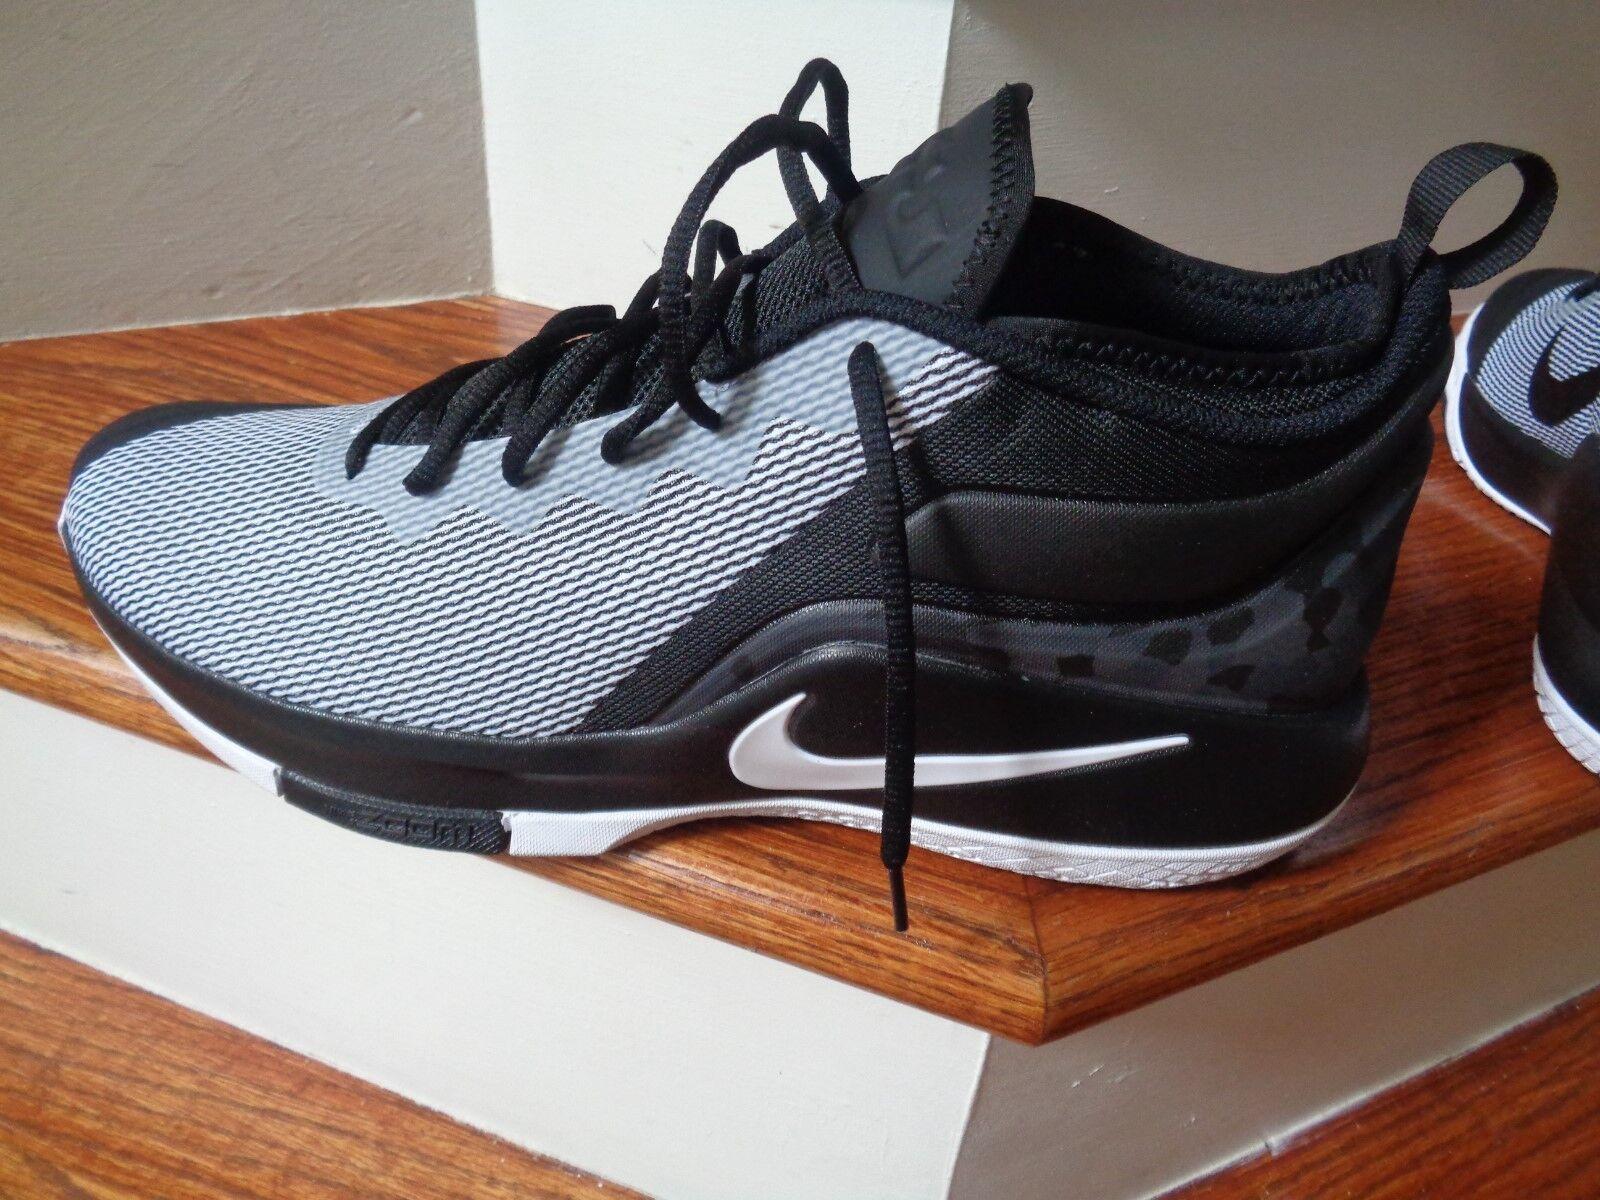 Nike Zoom LeBron testigo II 011 hombres zapatos de baloncesto, 942518 011 II comodo el último descuento zapatos para hombres y mujeres 9c2973